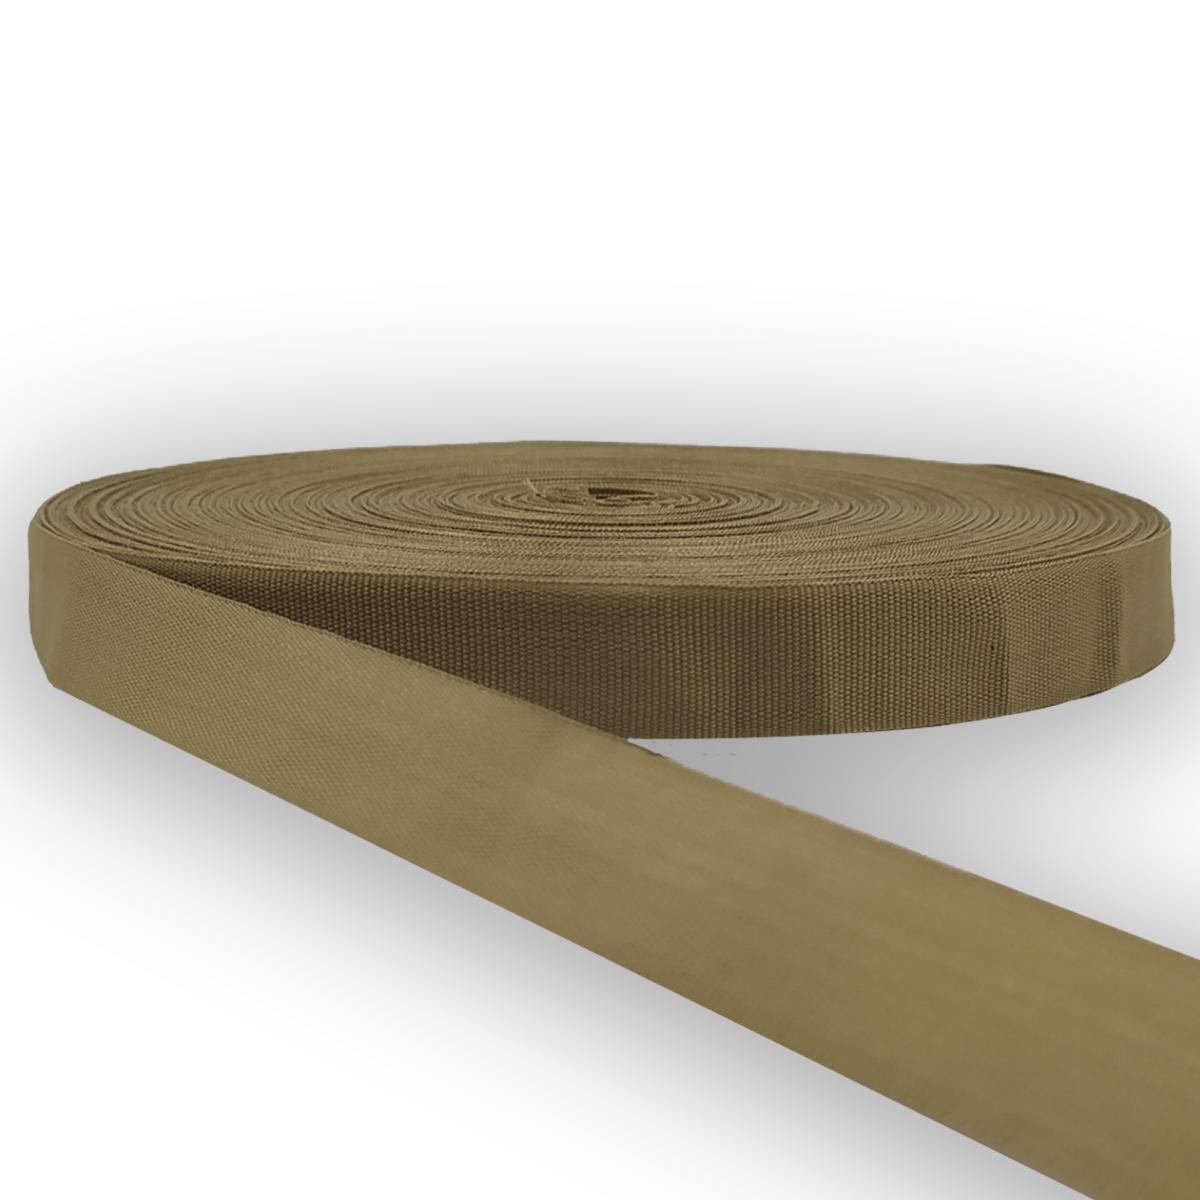 Rolo de Gorgurão (Tela) 20mm c/ 100 metros